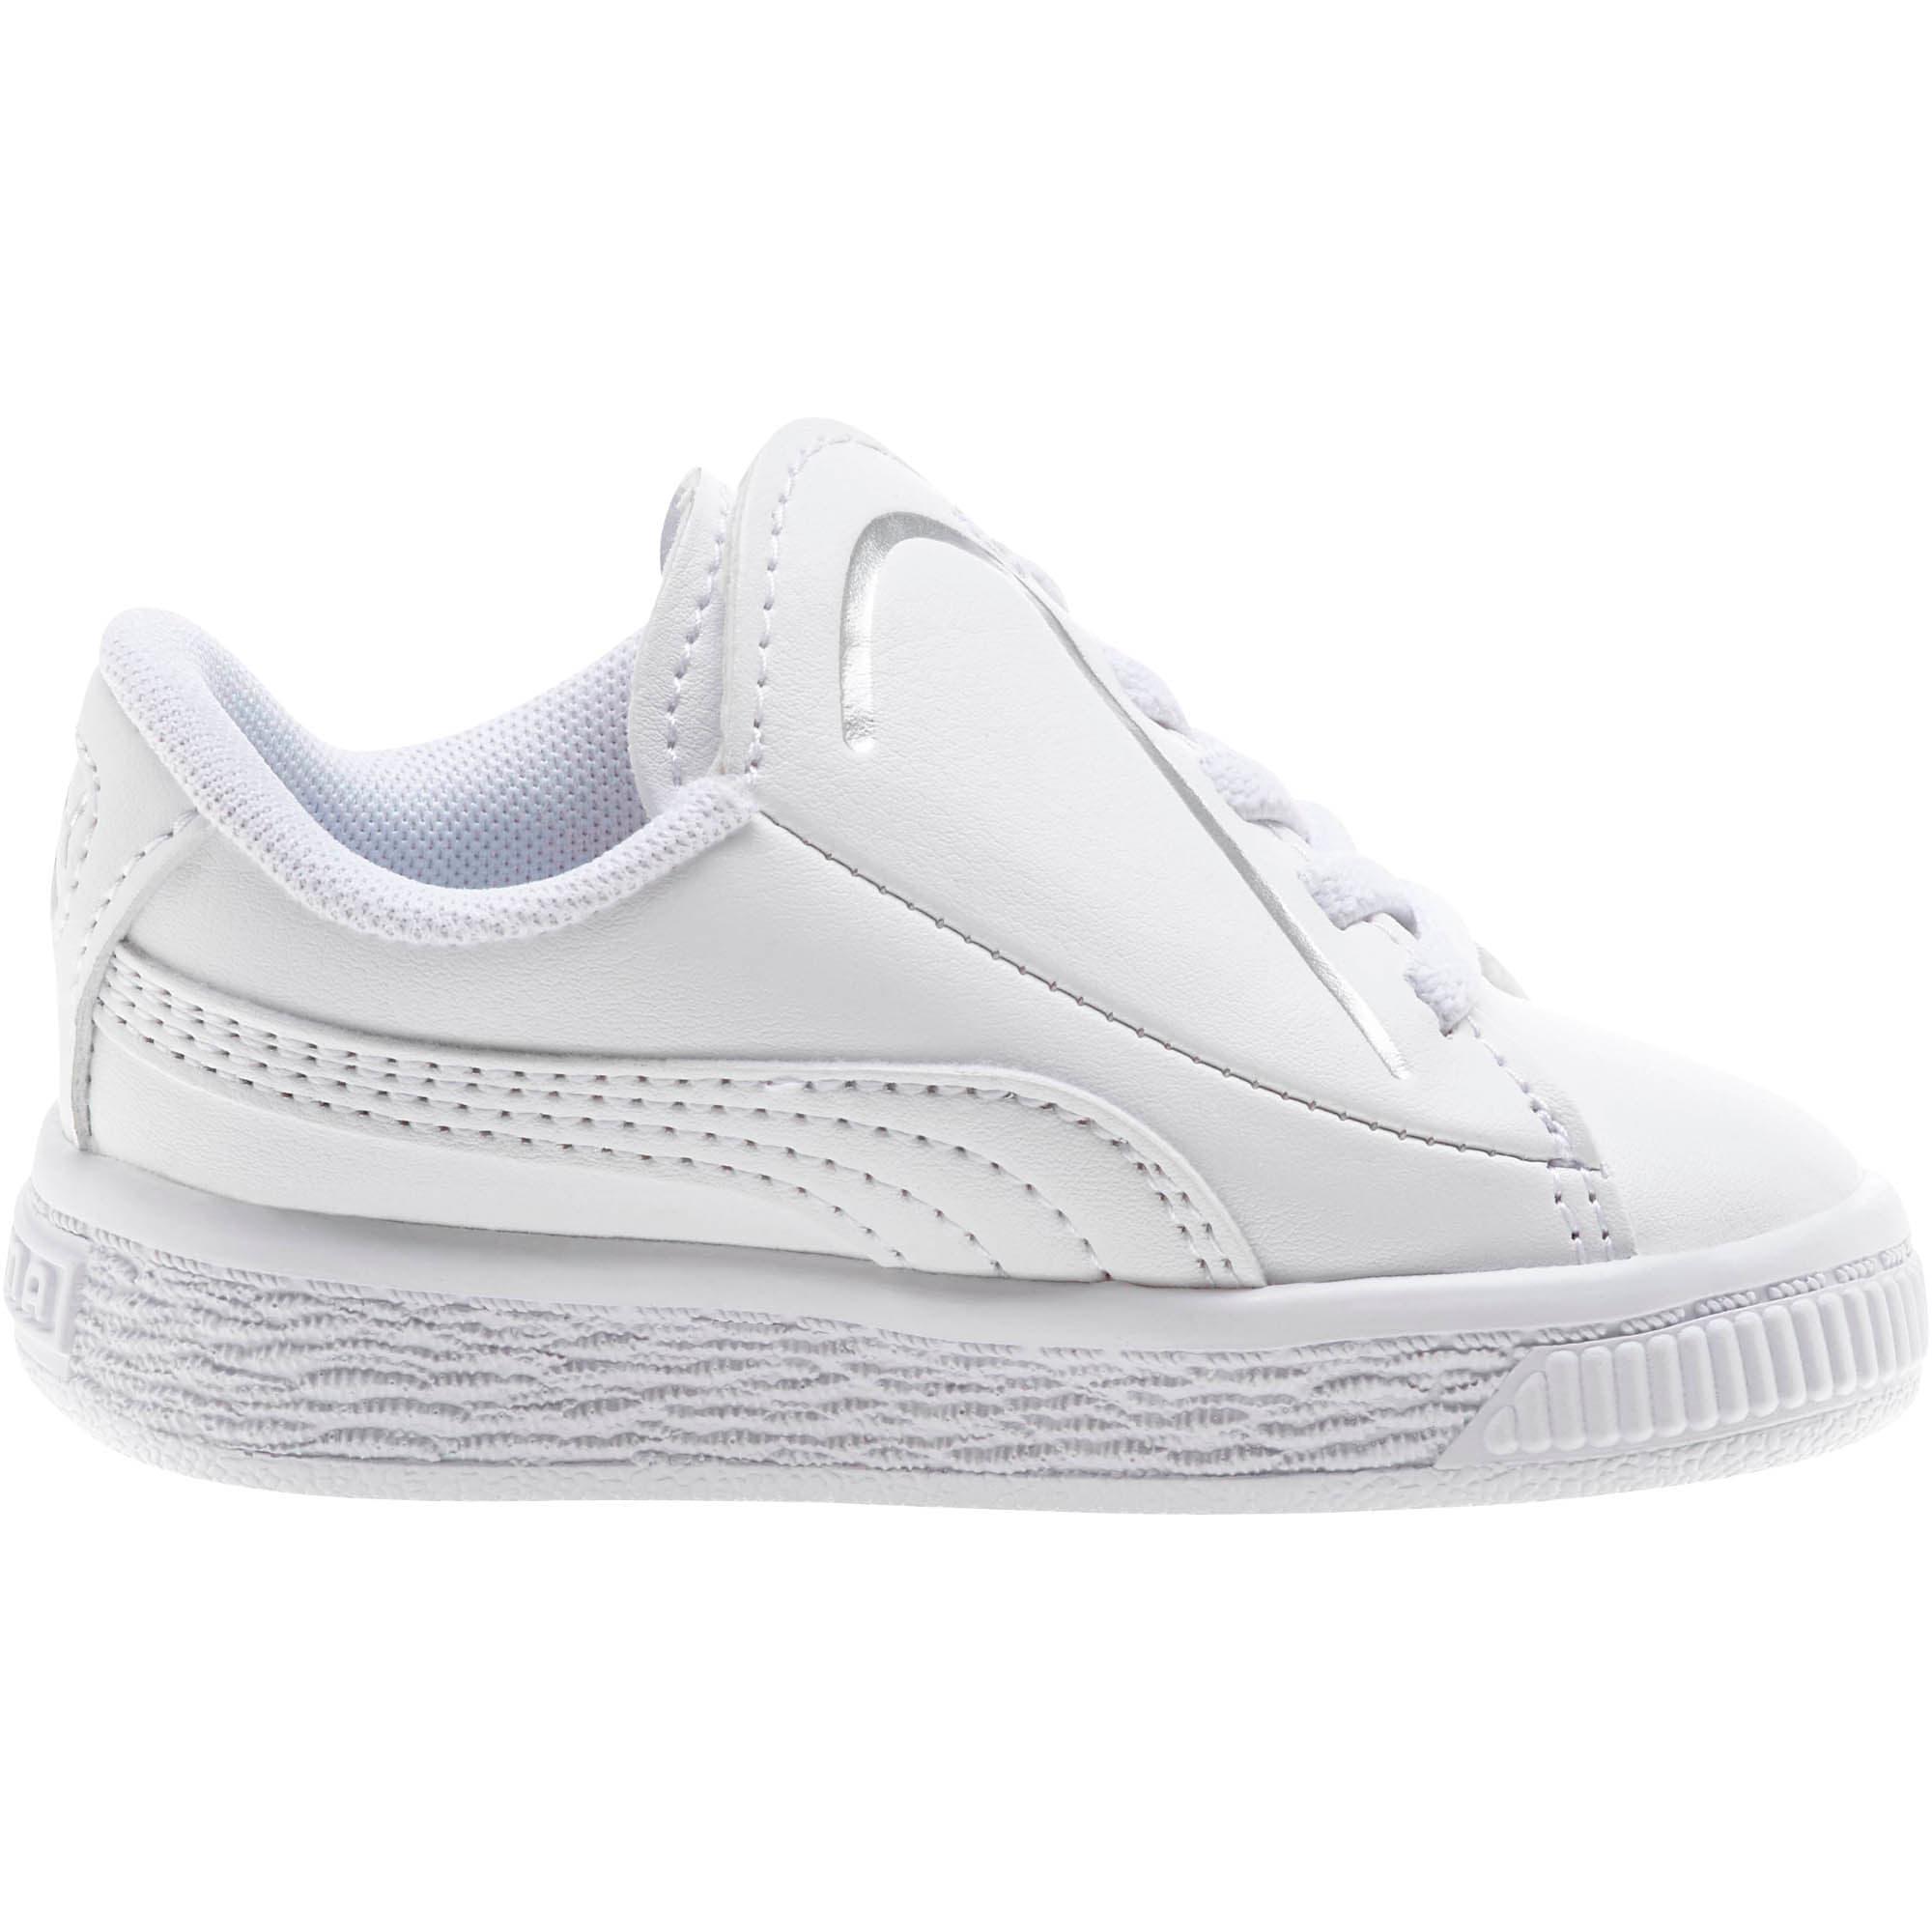 Miniatura 4 de Zapatos Basket Crush AC para bebés, Puma White-Puma Silver, mediano